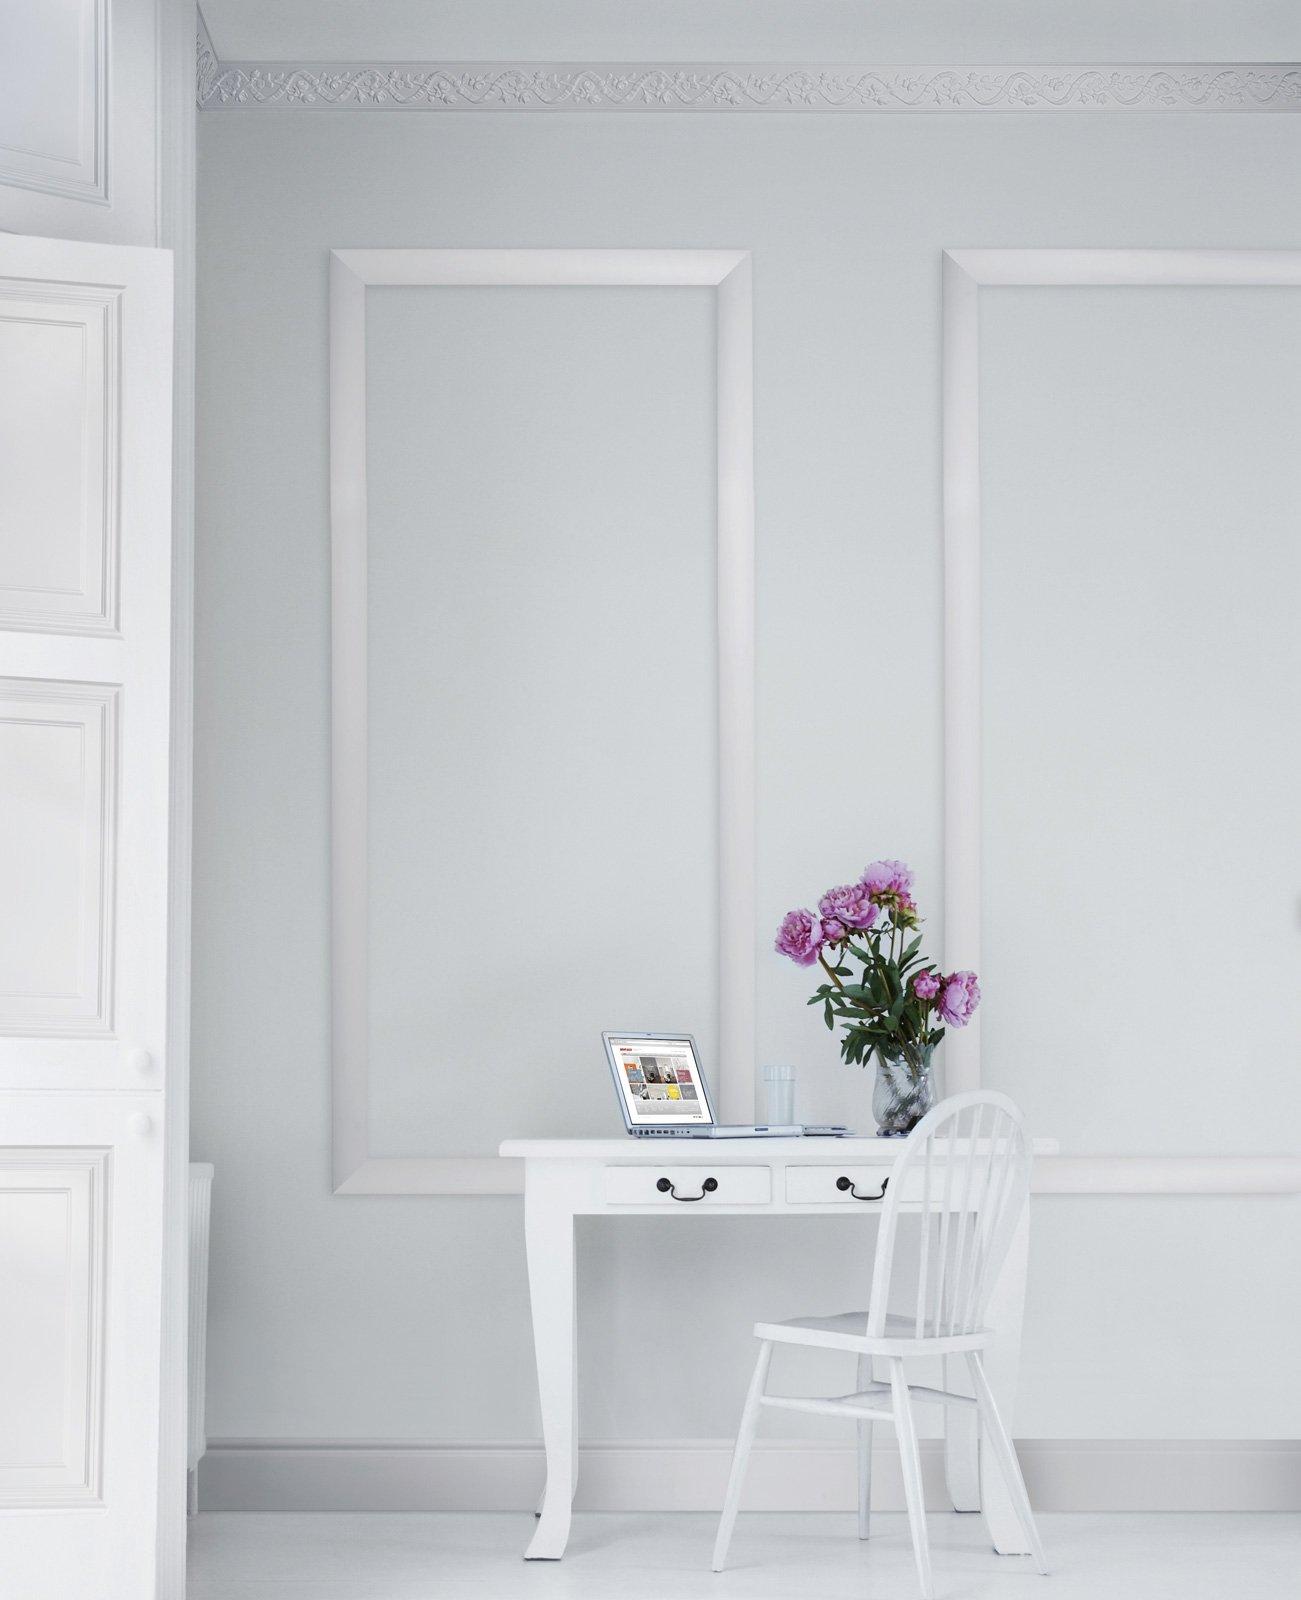 Decorare la parete con profili, fregi, stickers   cose di casa